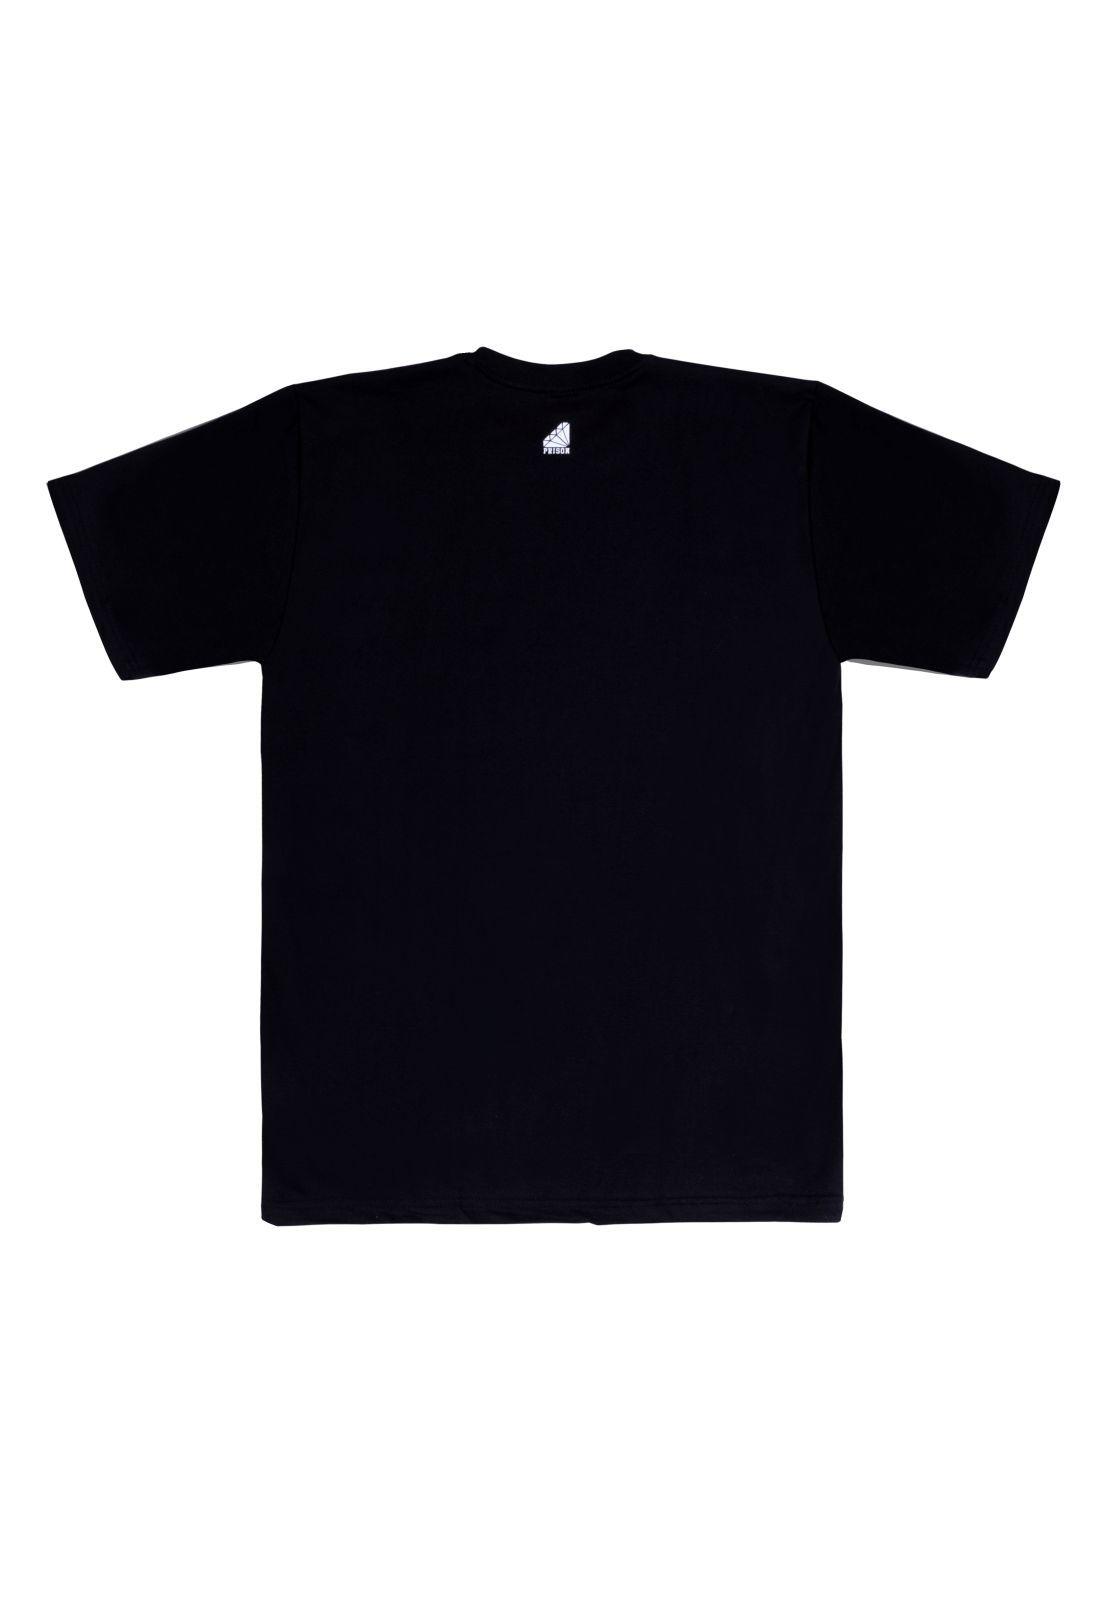 Camiseta Prison Line Edition Preta